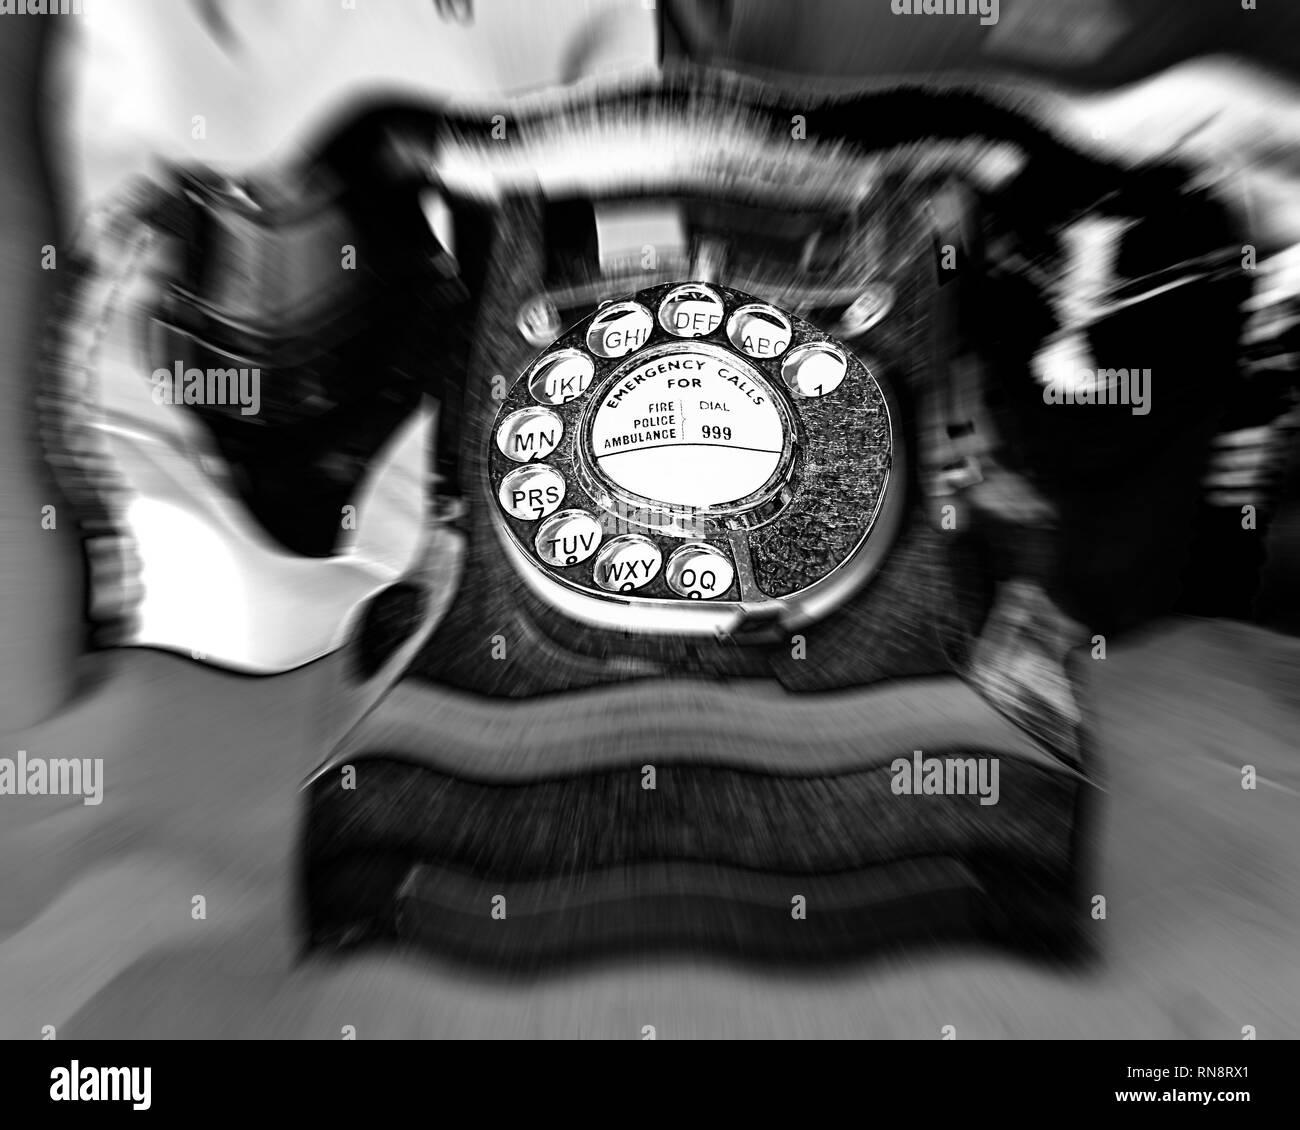 Old style 1940 bakelite telephone - Stock Image